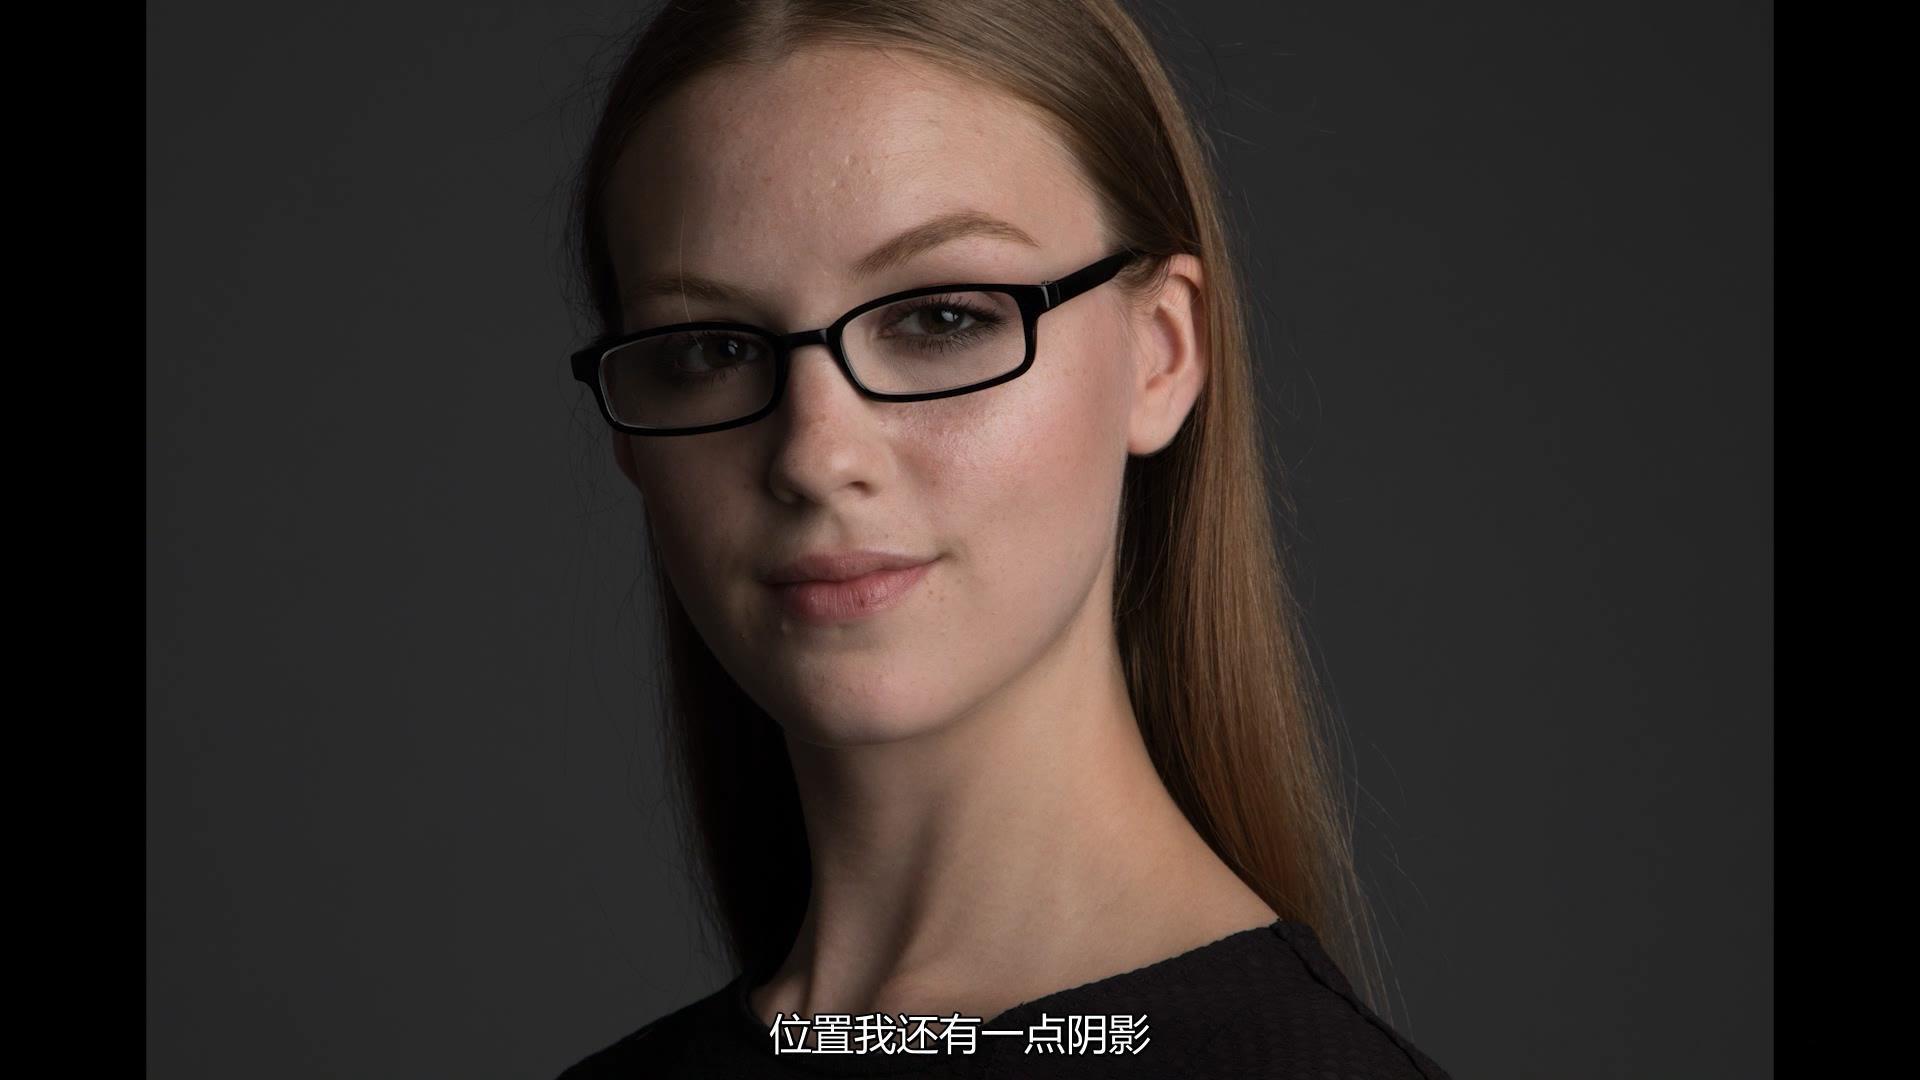 摄影教程_Lindsay Adler为期10周的工作室棚拍布光大师班教程-中文字幕 摄影教程 _预览图34